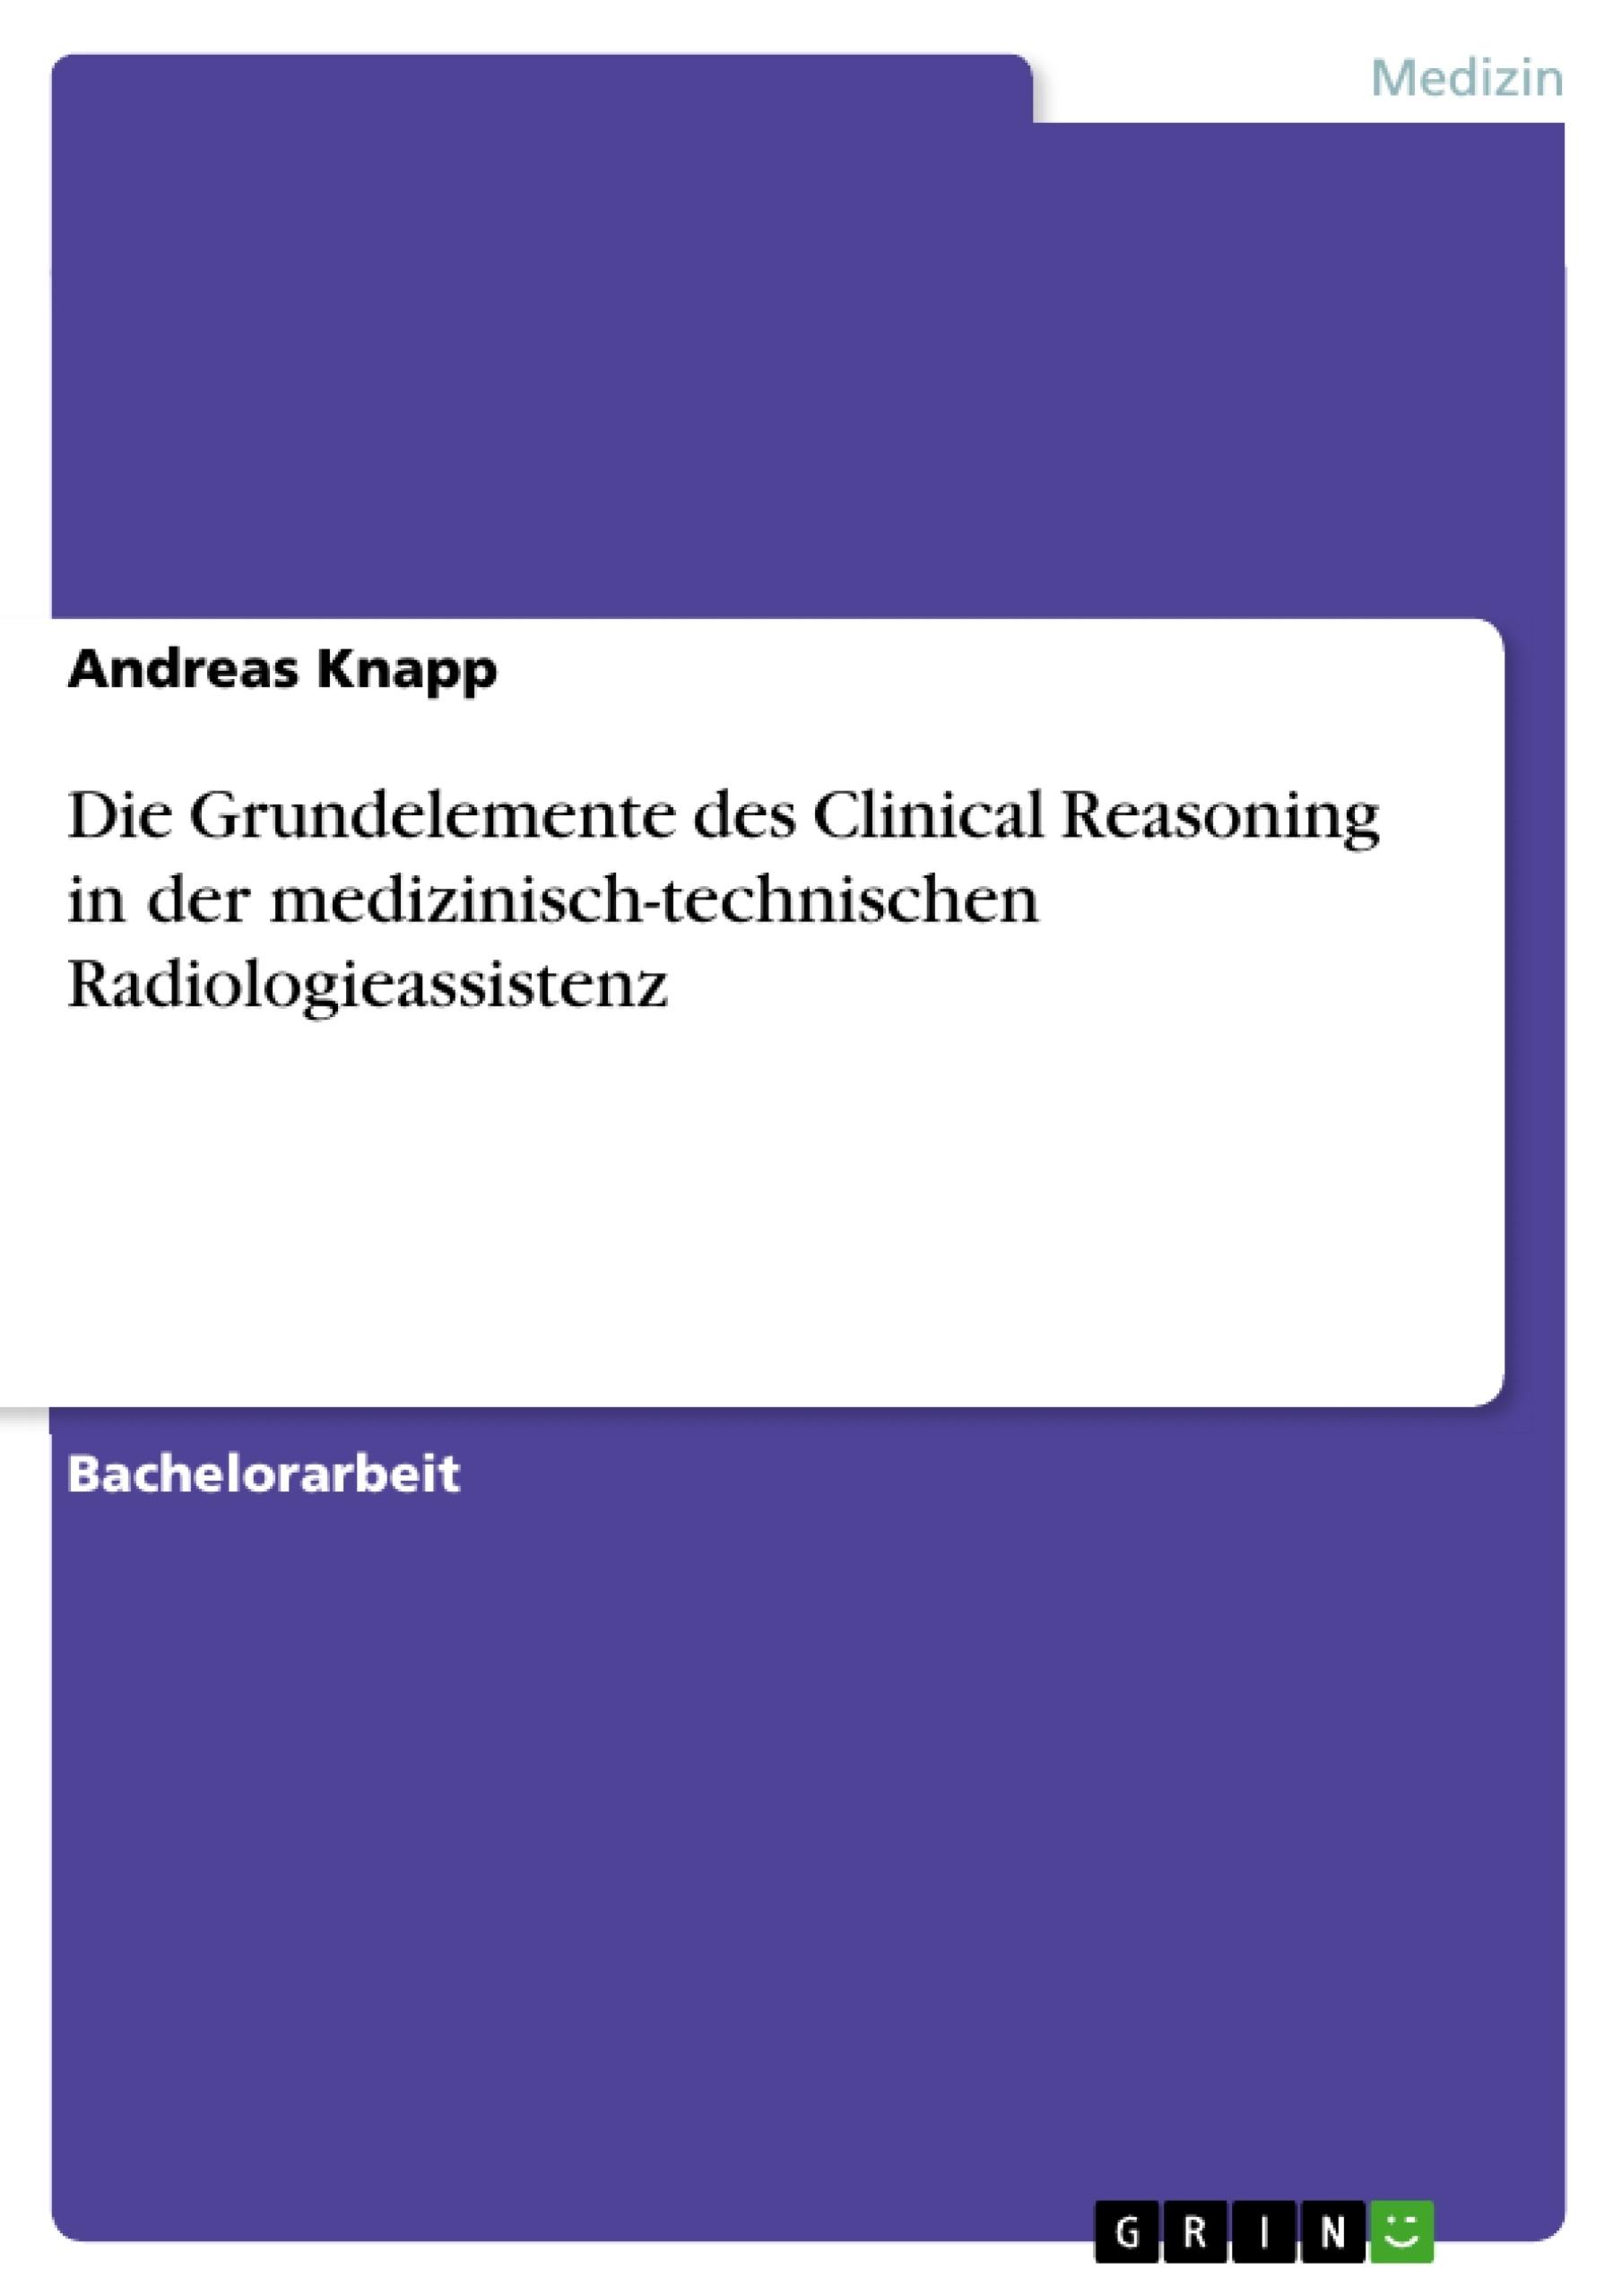 Titel: Die Grundelemente des Clinical Reasoning in der medizinisch-technischen Radiologieassistenz